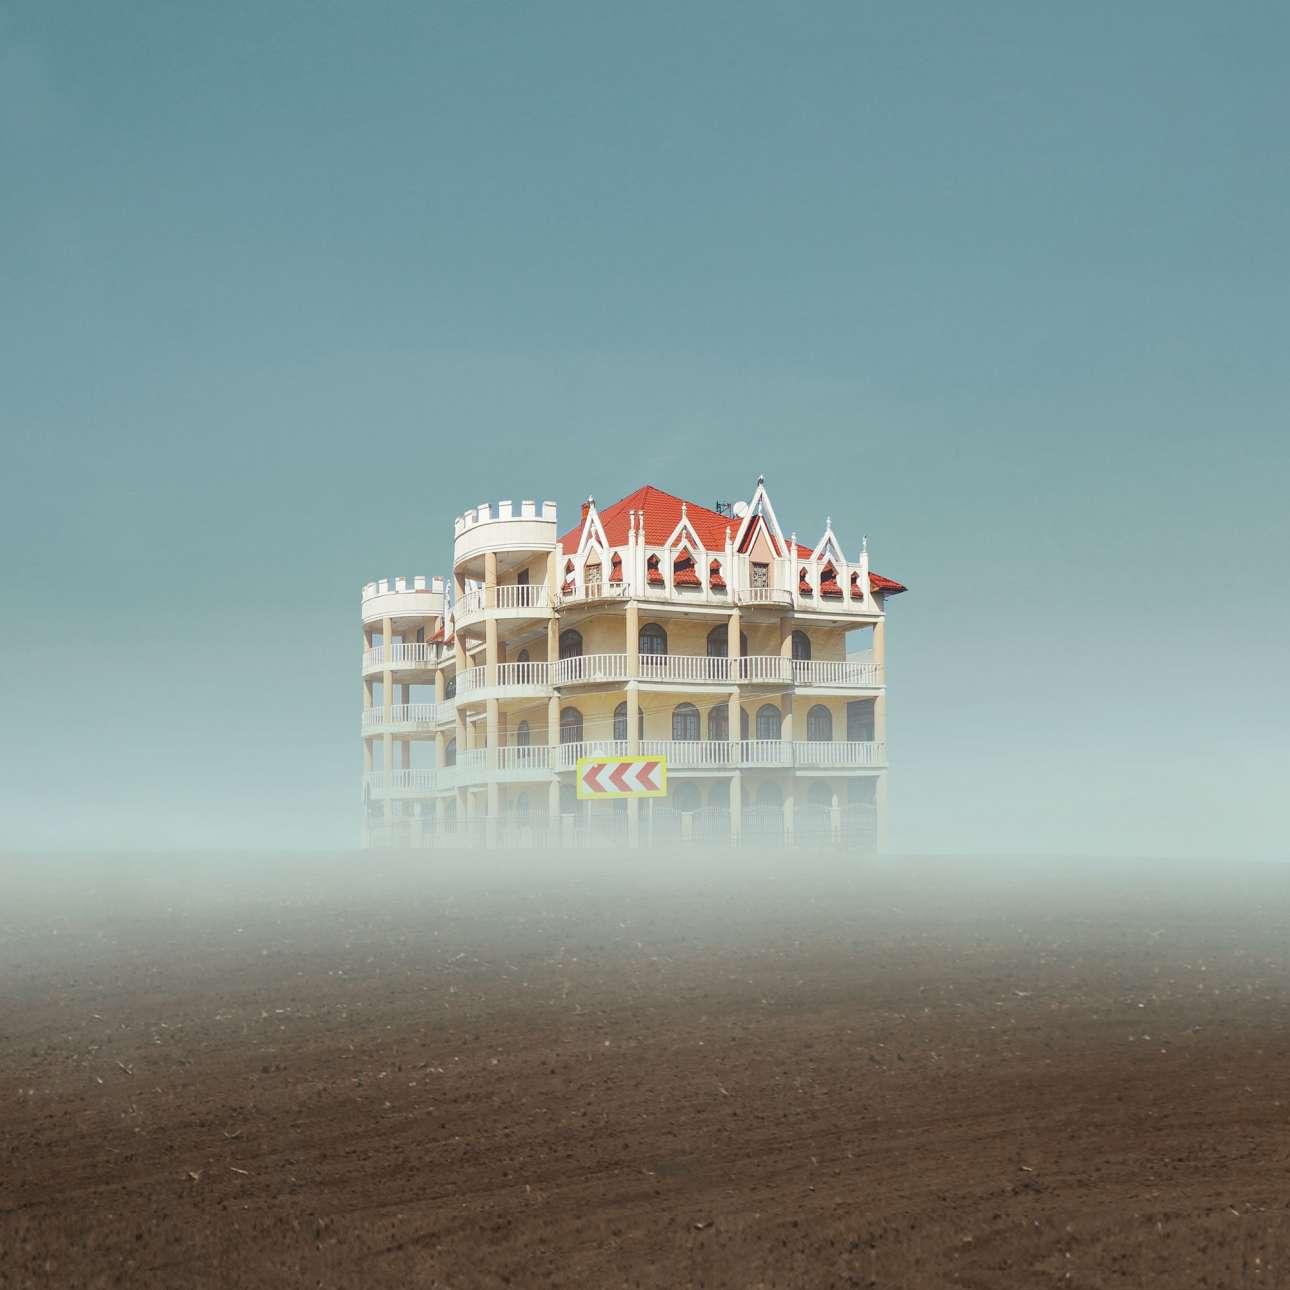 Η Φελίτσια Σιμιόν παρατηρεί τη μίξη της νέας με την παραδοσιακή αρχιτεκτονική που συμβαίνει τελευταία στη Ρουμανία. Επειτα απομονώνει τα σπίτια και τα τοποθετεί σε ένα φυσικό περιβάλλον, εξετάζοντας τον ρόλο τους σήμερα